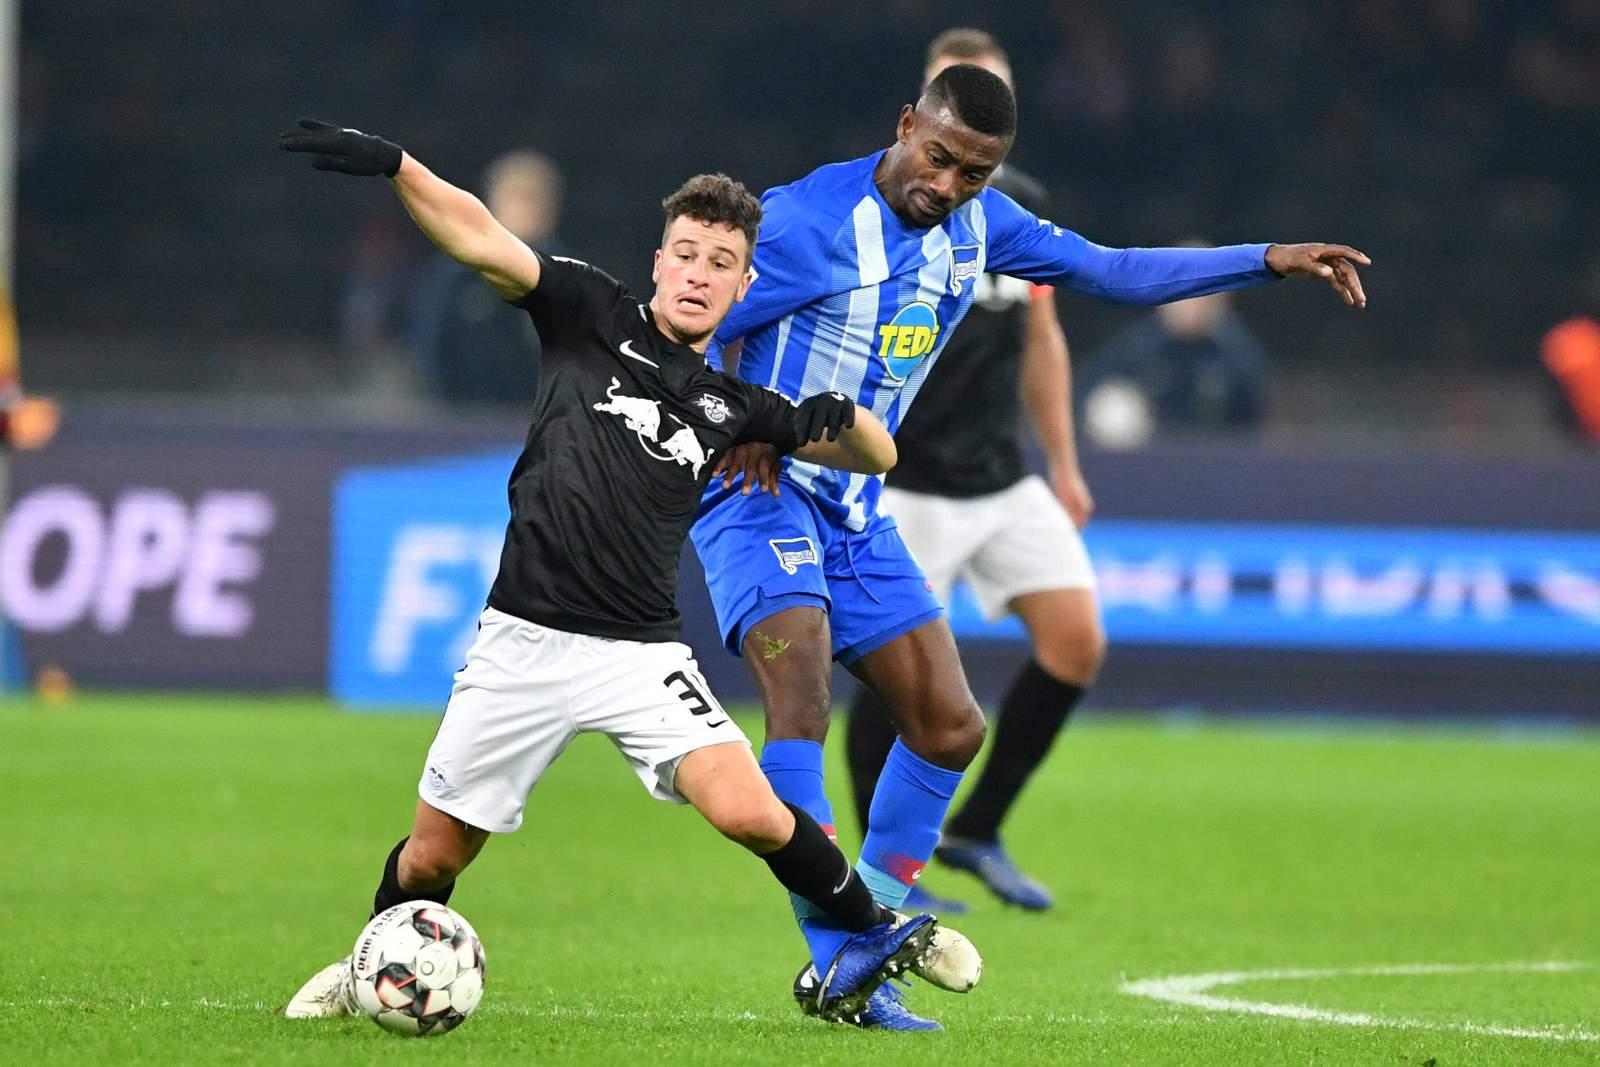 Setzt sich Kalou gegen Demme durch? Jetzt auf Red Bull Leipzig gegen Hertha wetten